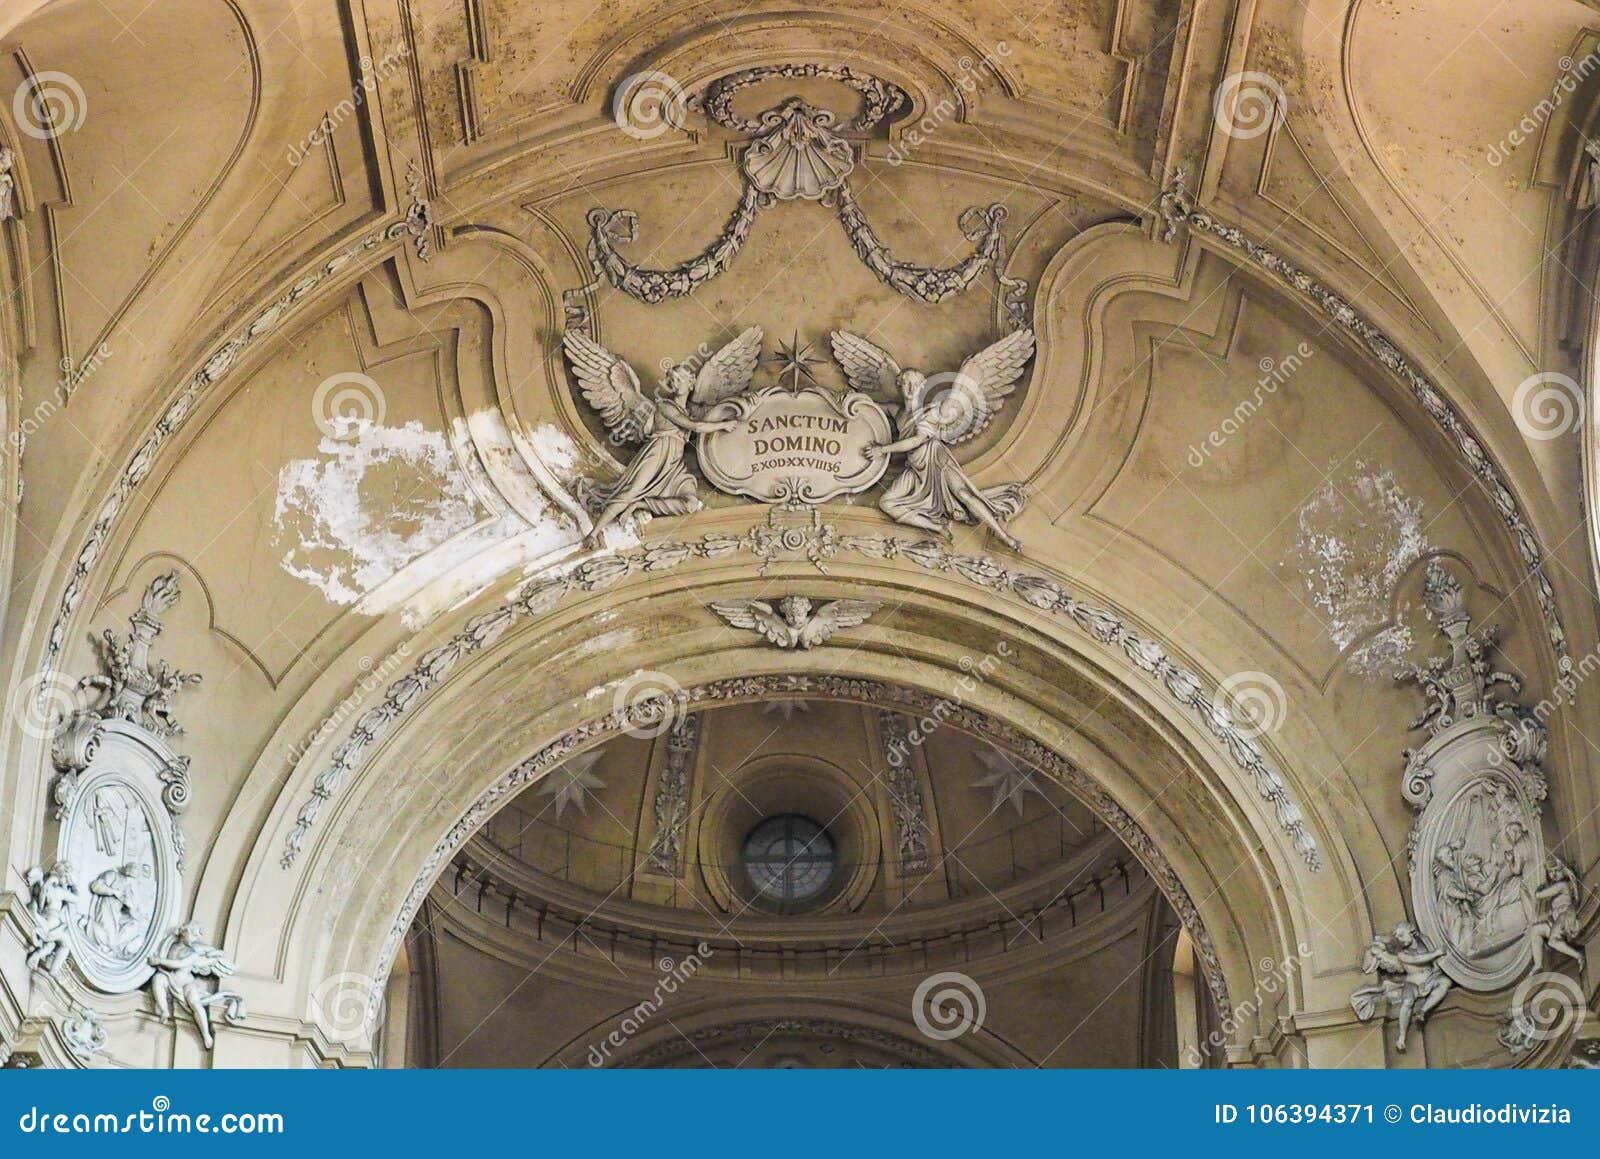 De kerk van San Filippo Neri in Turijn